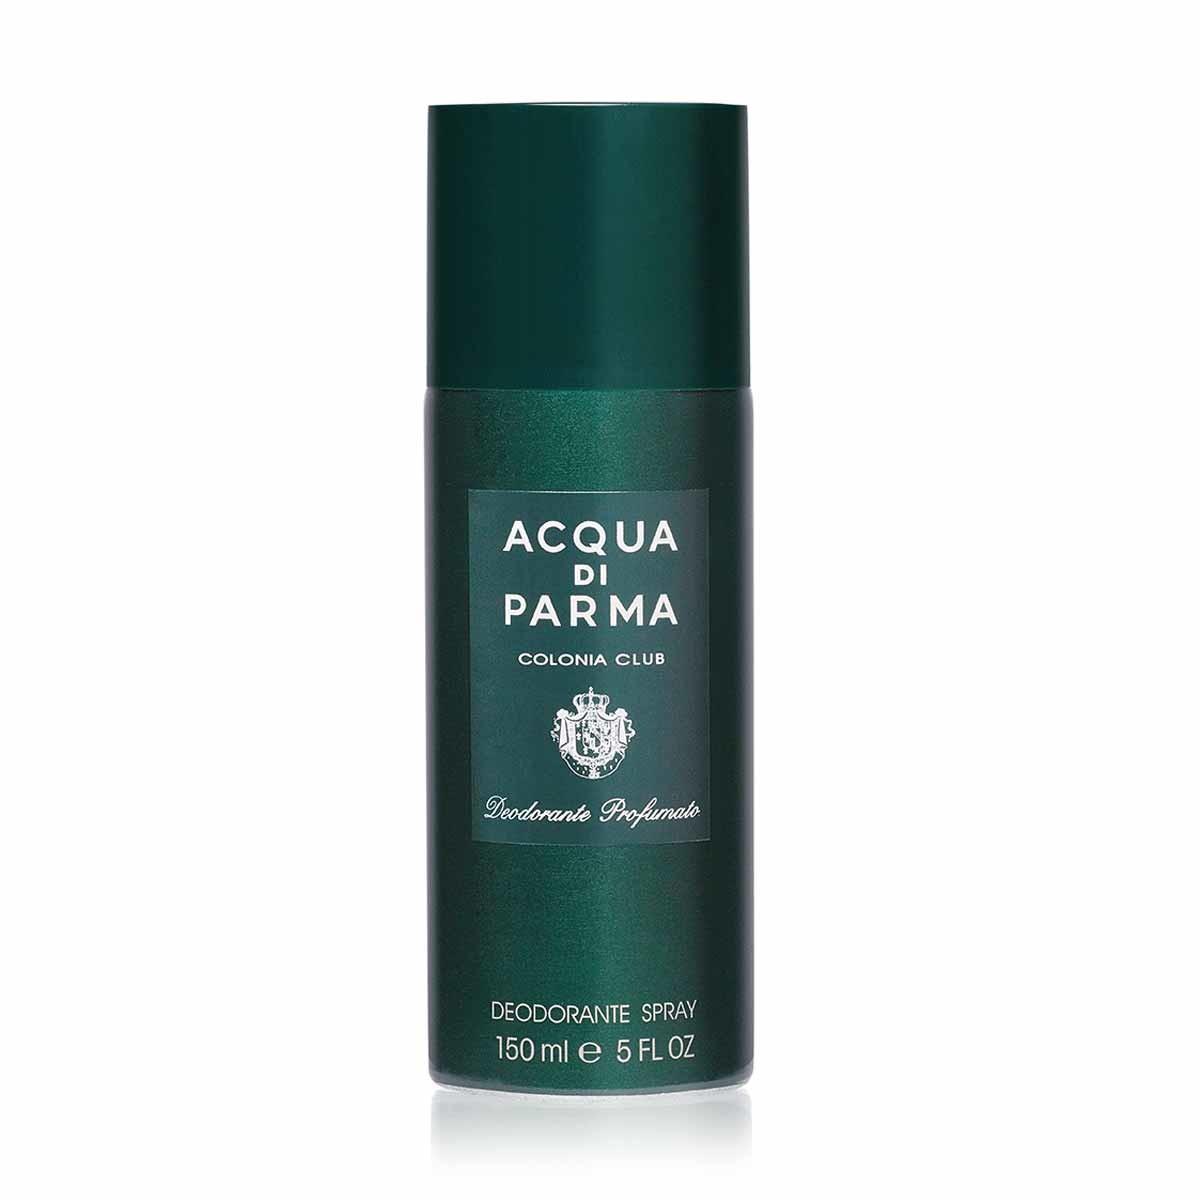 Acqua Di Parma Colonia Club Deodorant Spray 150ml